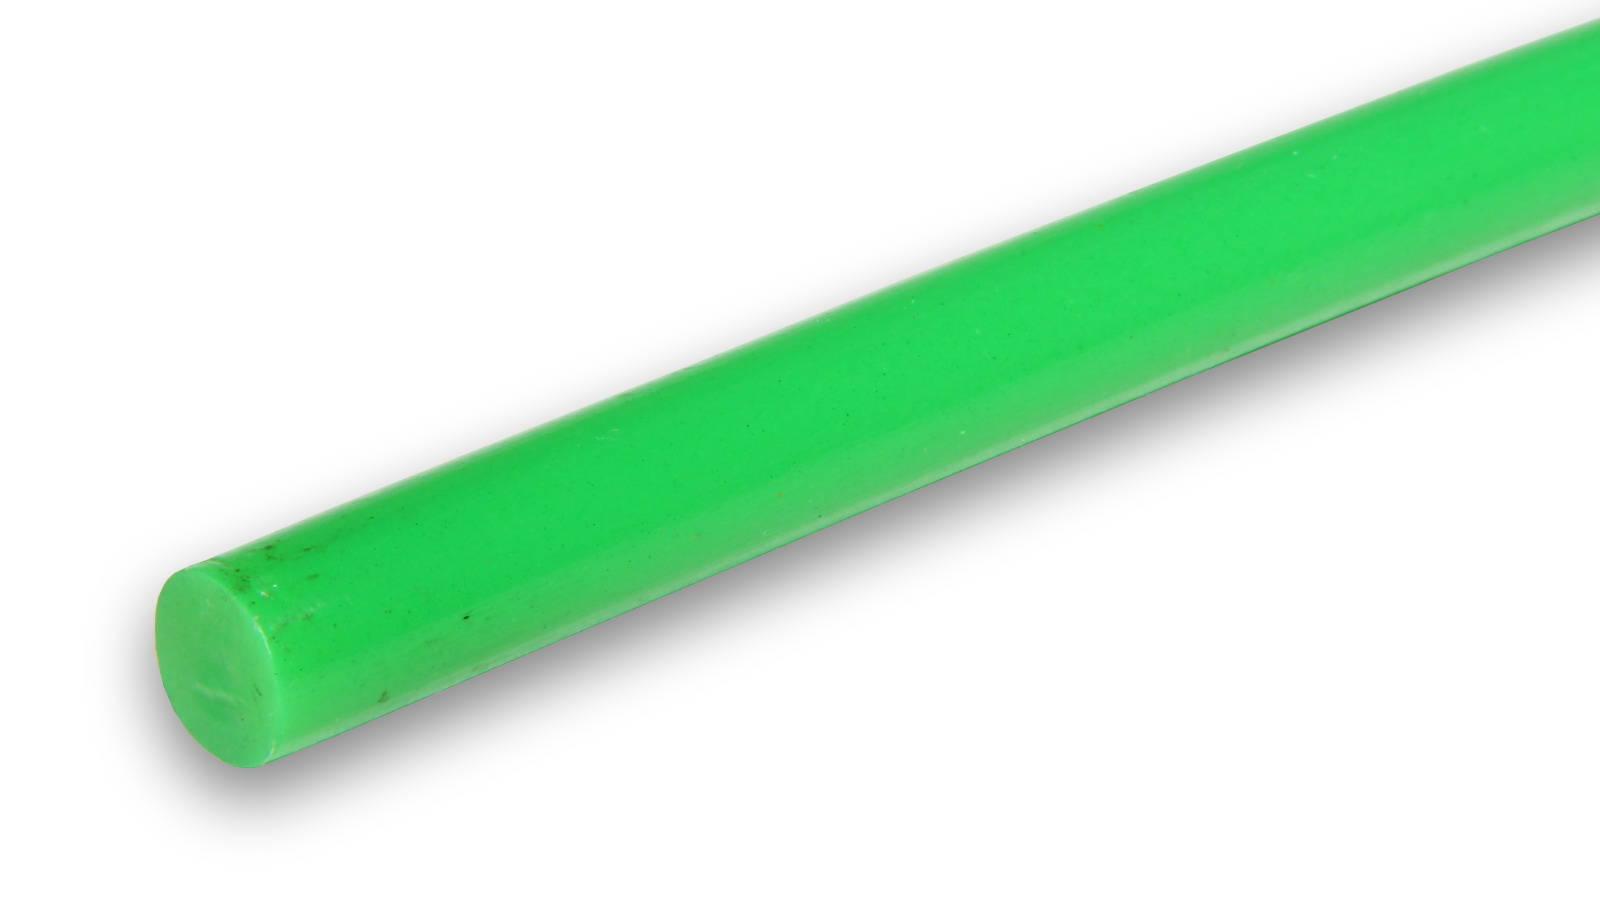 Tyčinka do tavné pistole zelená průměr 11mm 1ks